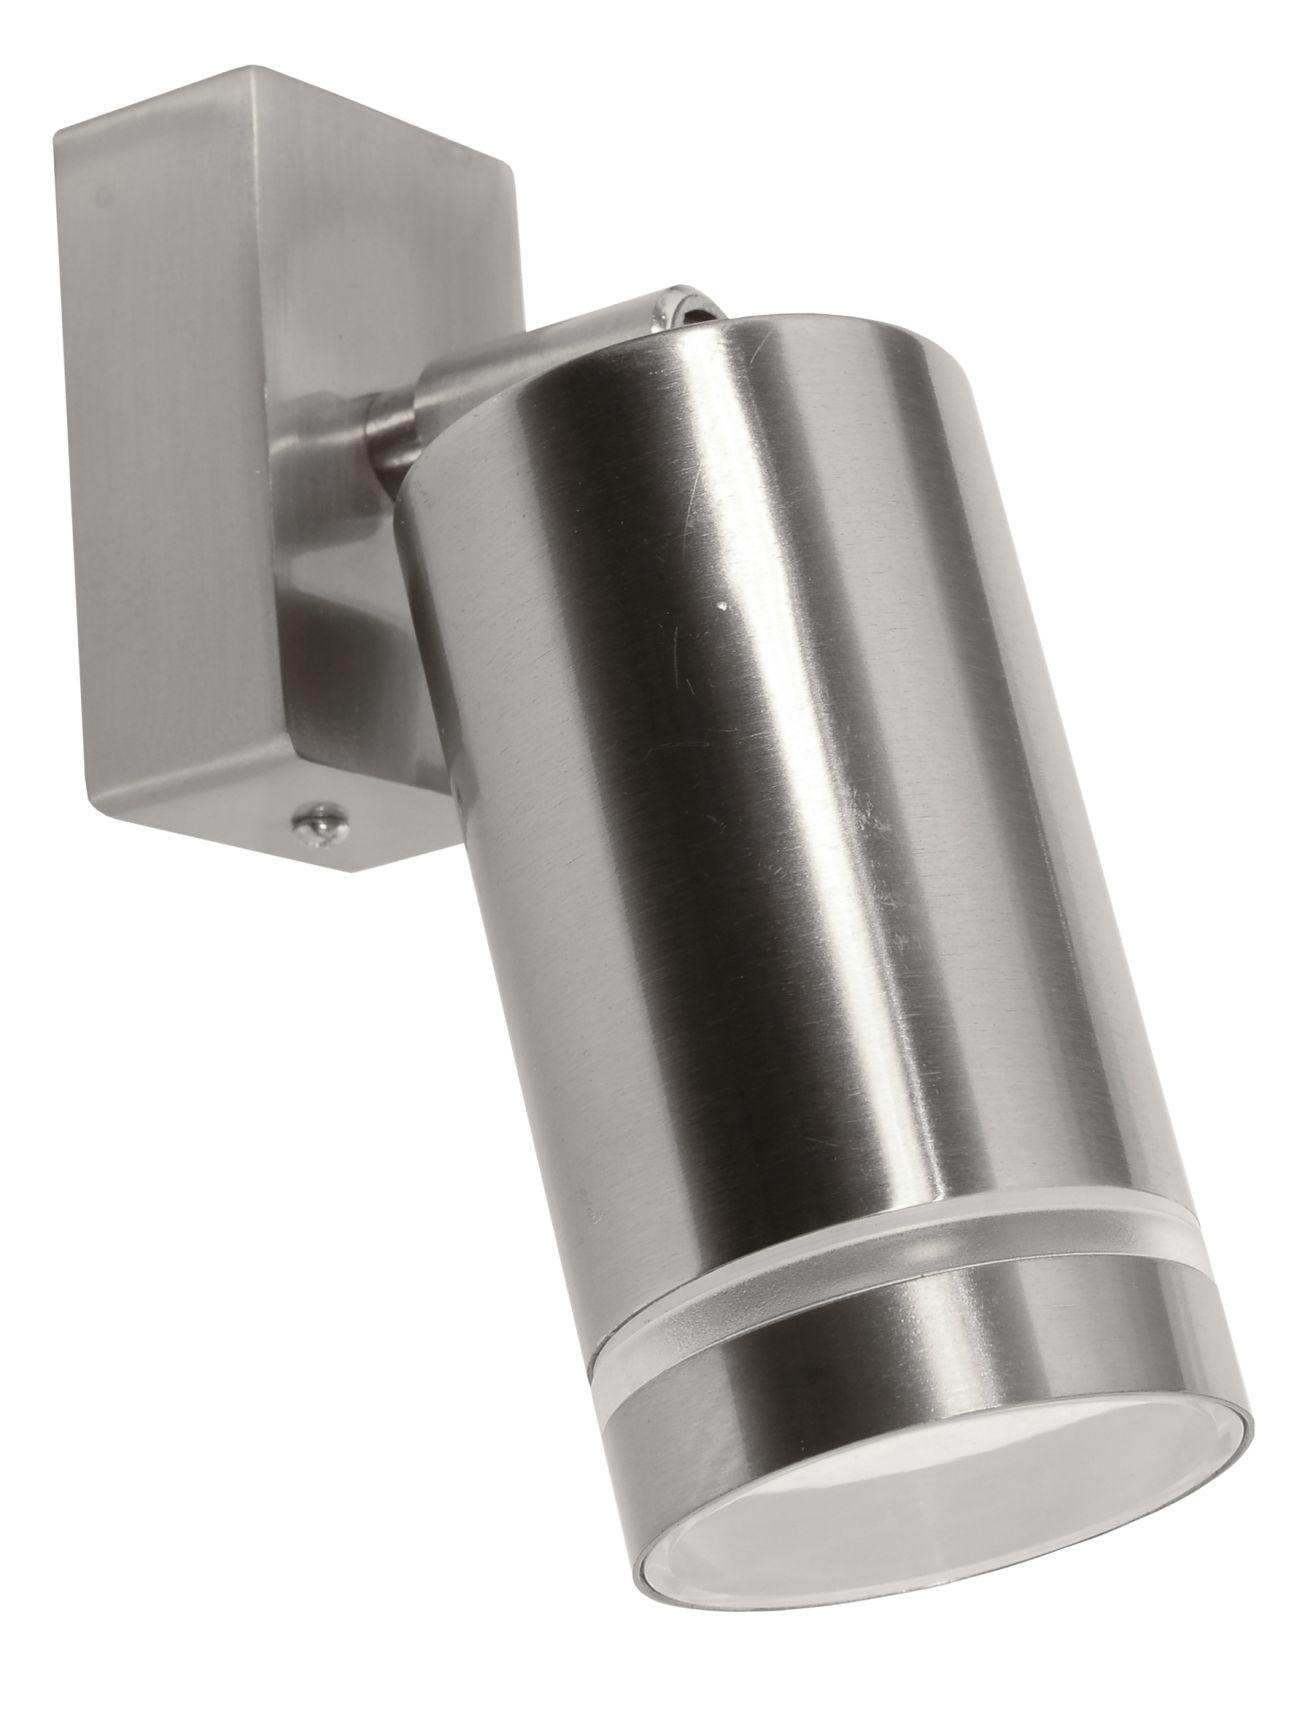 Außenleuchte Edelstahl Led : edelstahl au enleuchte wandlampe wandleuchte ip65 au en ~ Watch28wear.com Haus und Dekorationen